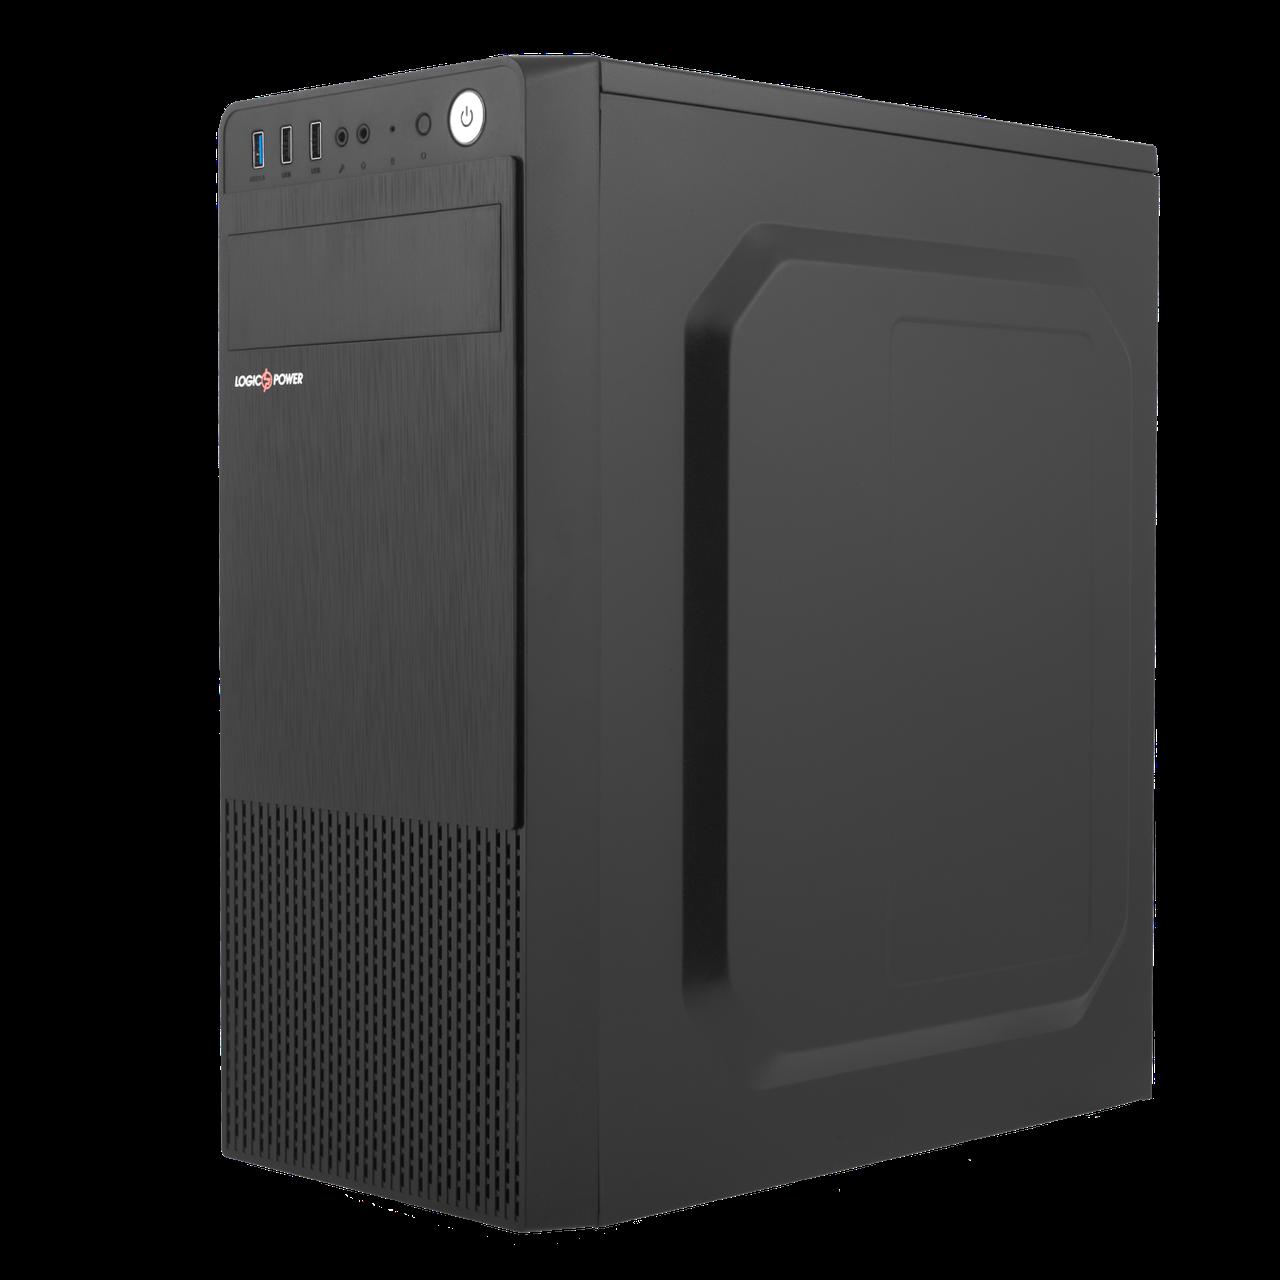 Корпус LP 2008-400W 8см black case chassis cover с 2xUSB2.0 и 1xUSB3.0